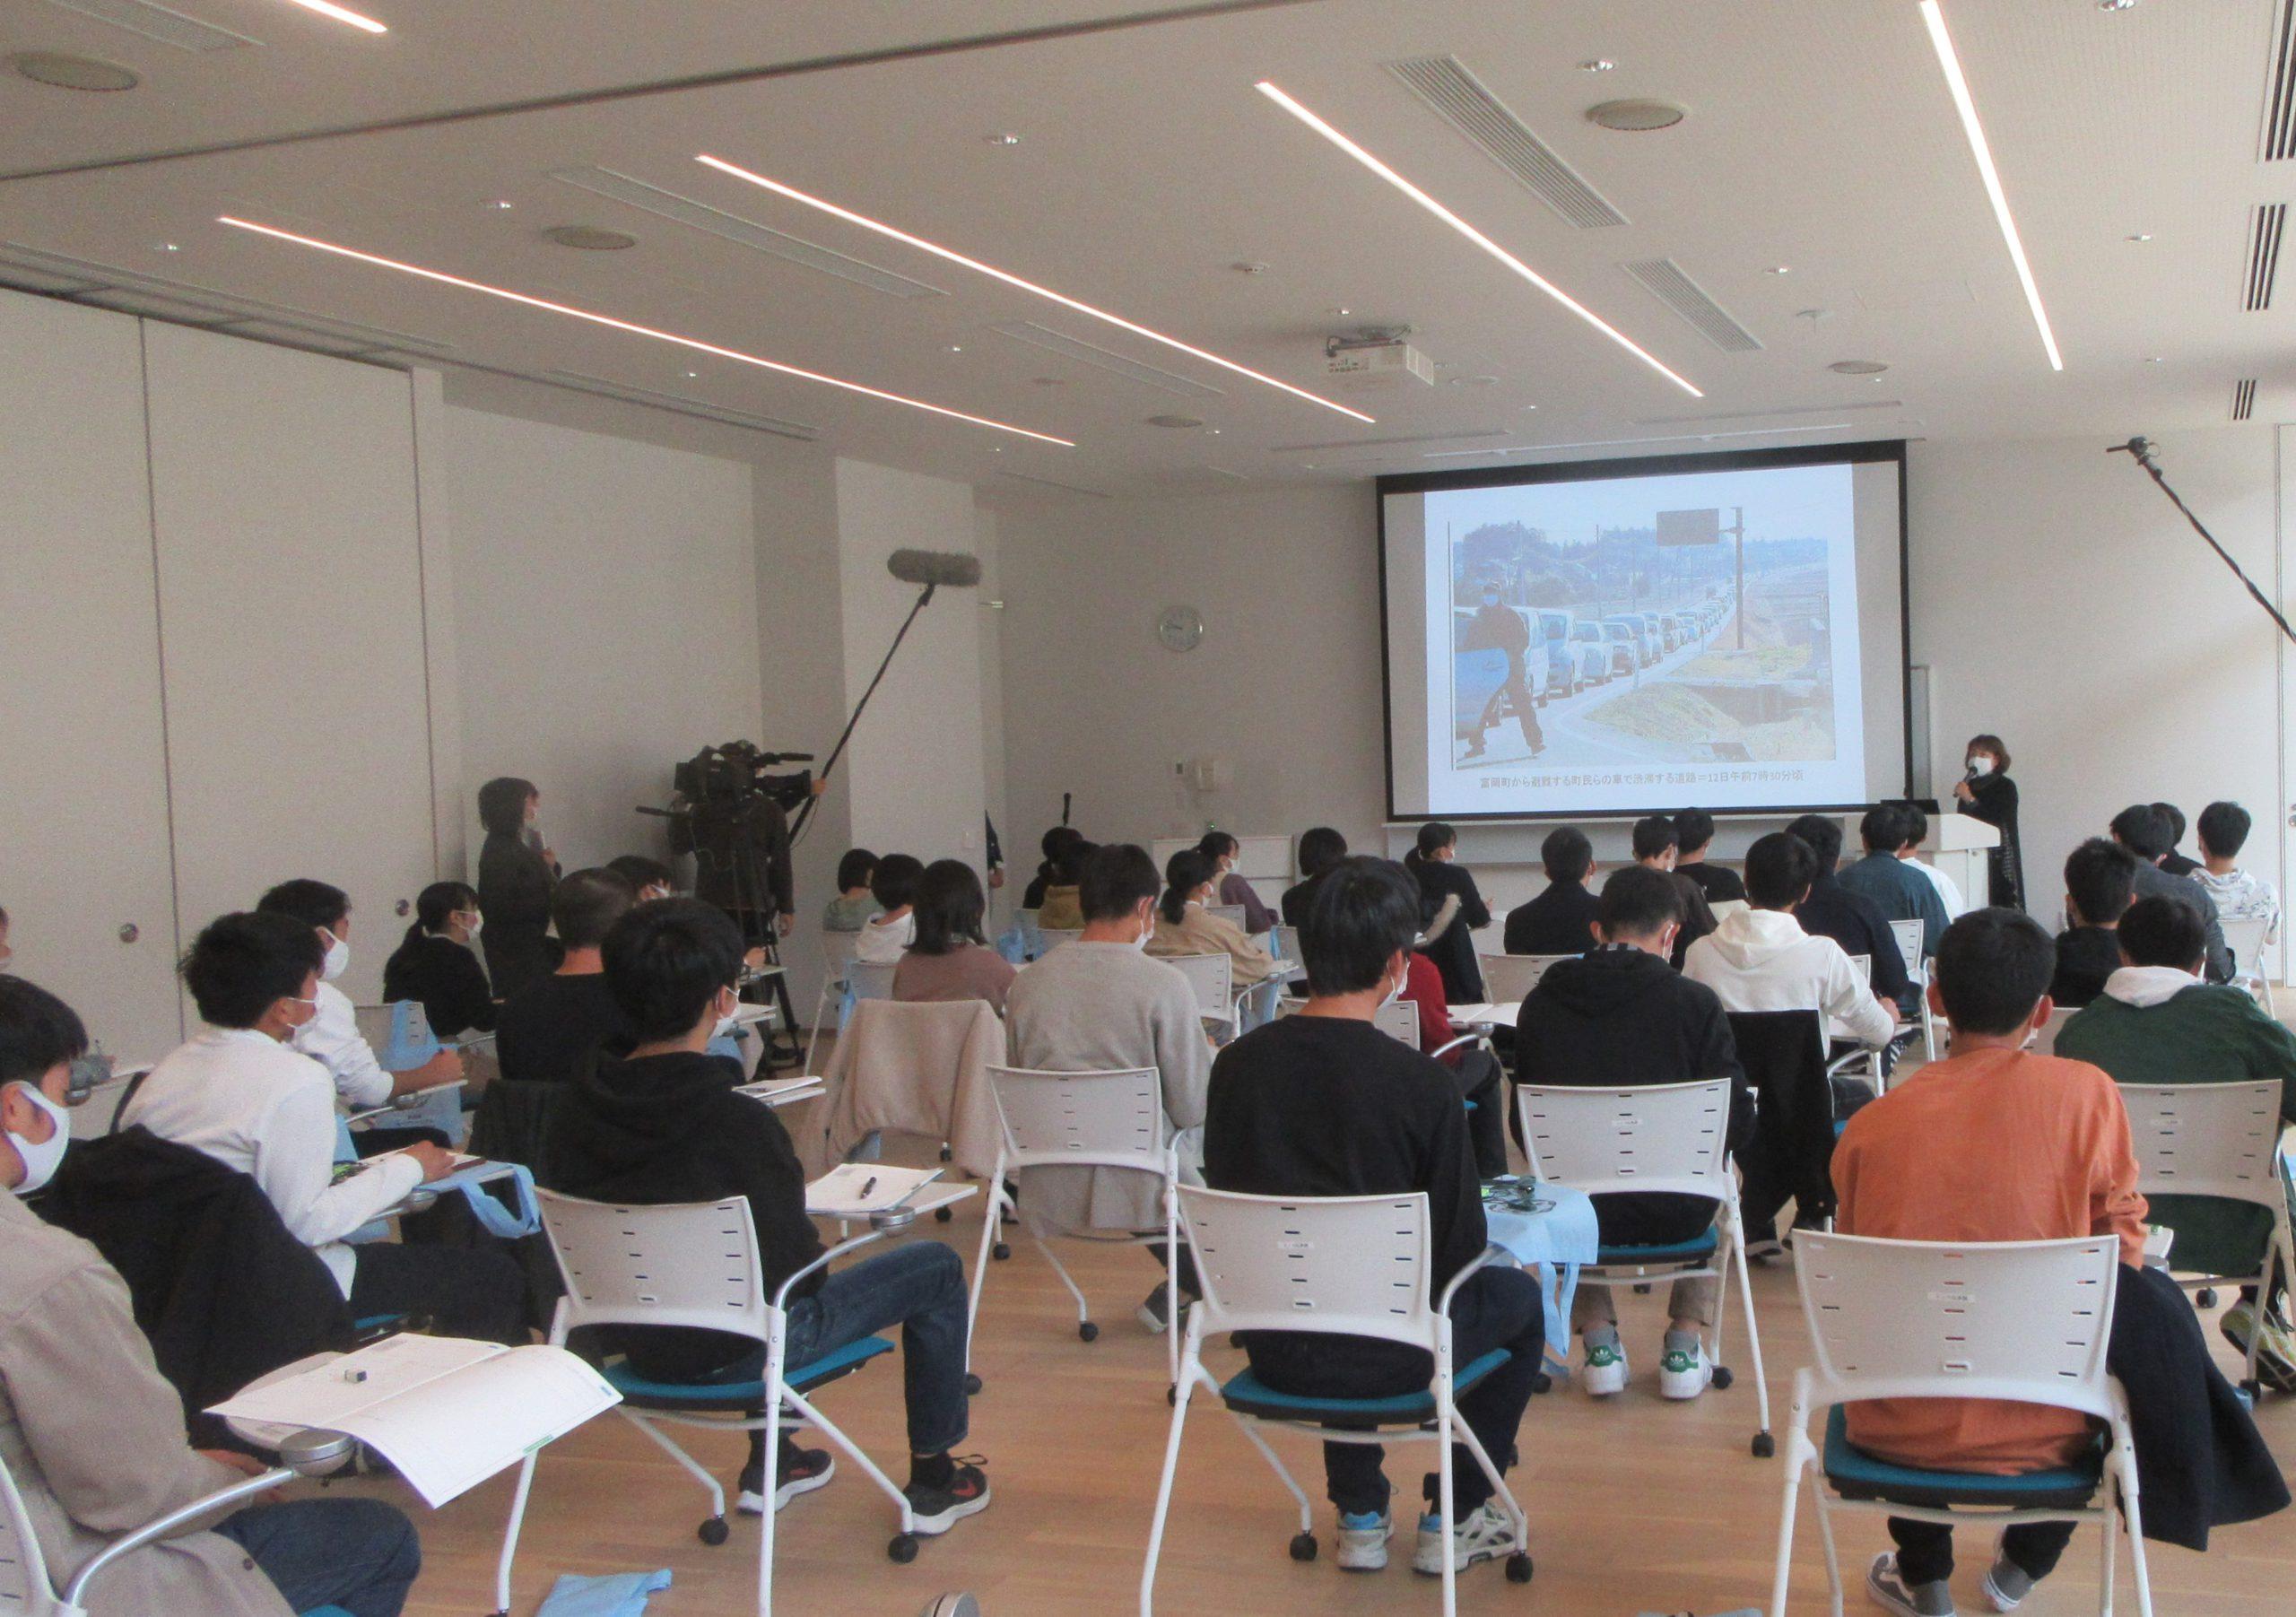 福岡県立福岡高等学校がホープツーリズムの一環で伝承館へ来館されまし ...